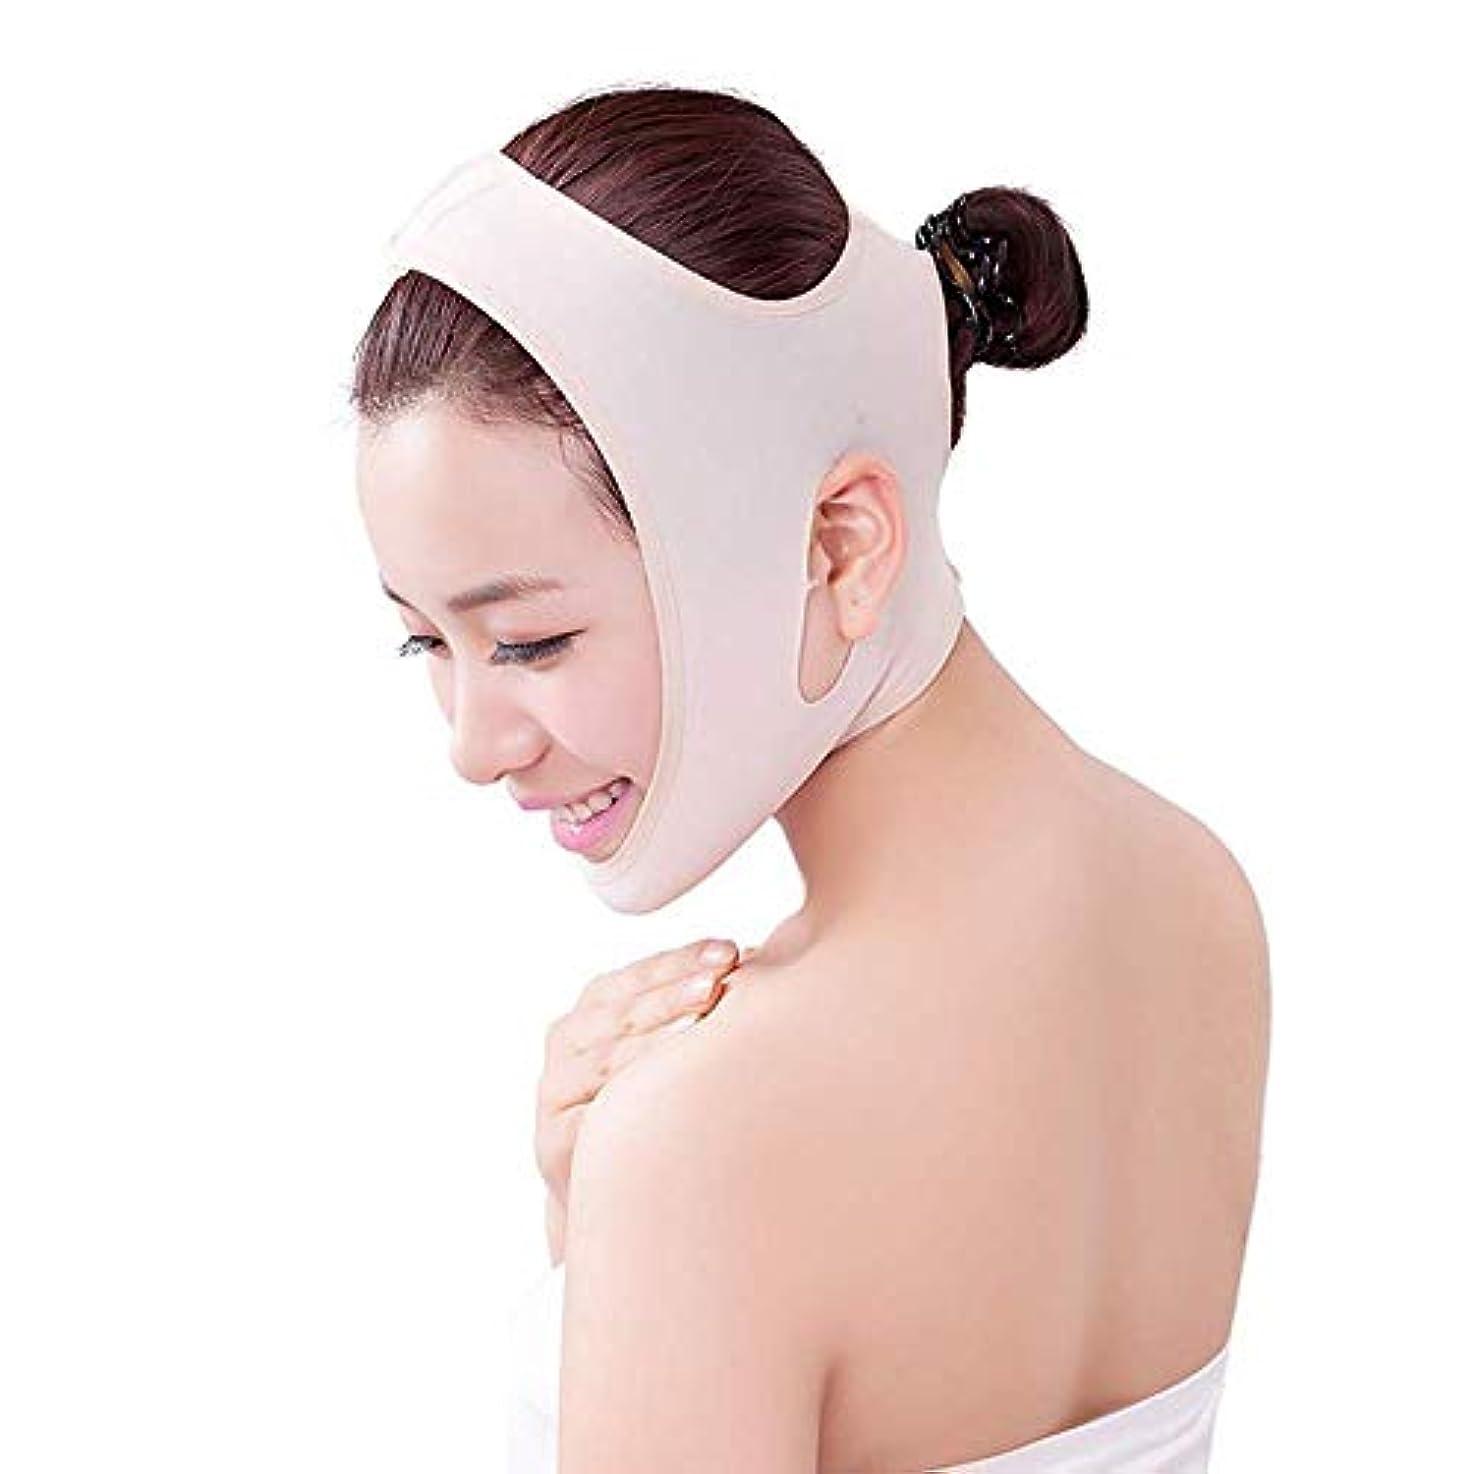 ブレーキ放つ立場薄型フェイスベルト - 男性用および女性用の包帯をフランスの顔用リフティングマスク器具に引き締める薄型フェイスVフェイス薄型ダブルチンフェイスリフティングベルト(サイズ:M),XS